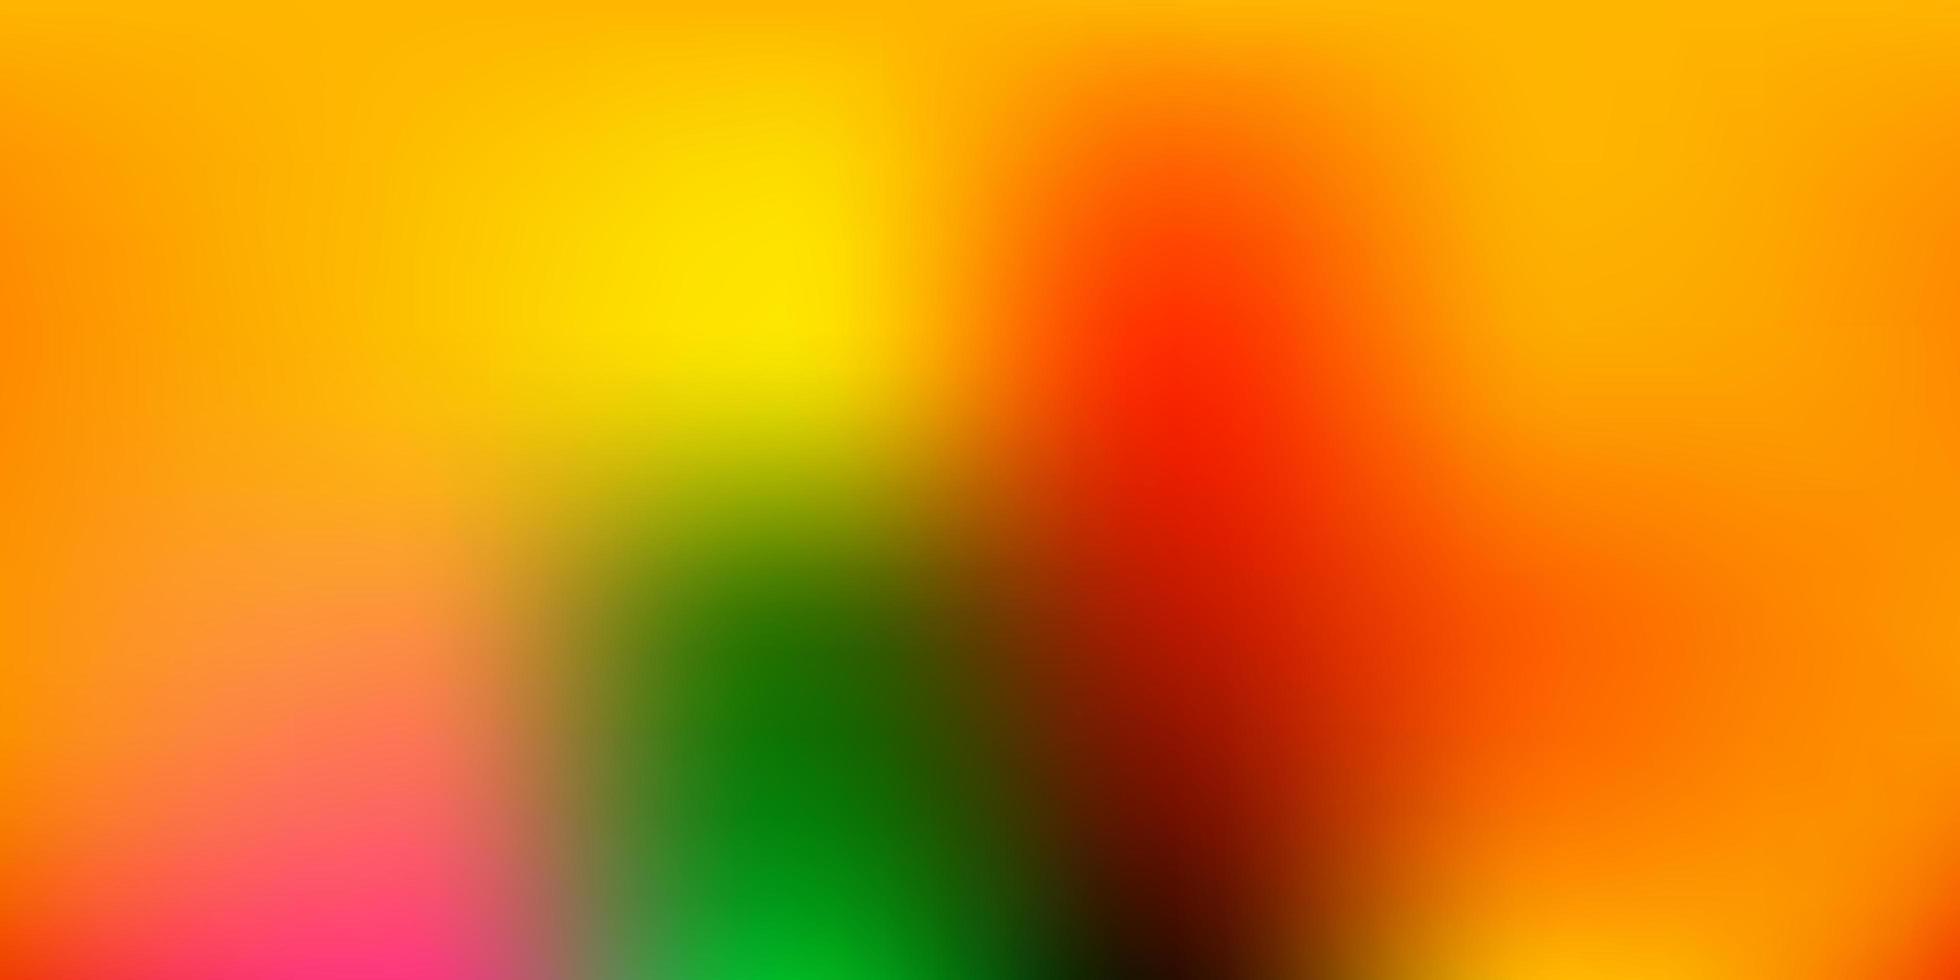 leichte mehrfarbige Vektor-Gradienten-Unschärfe-Textur. vektor